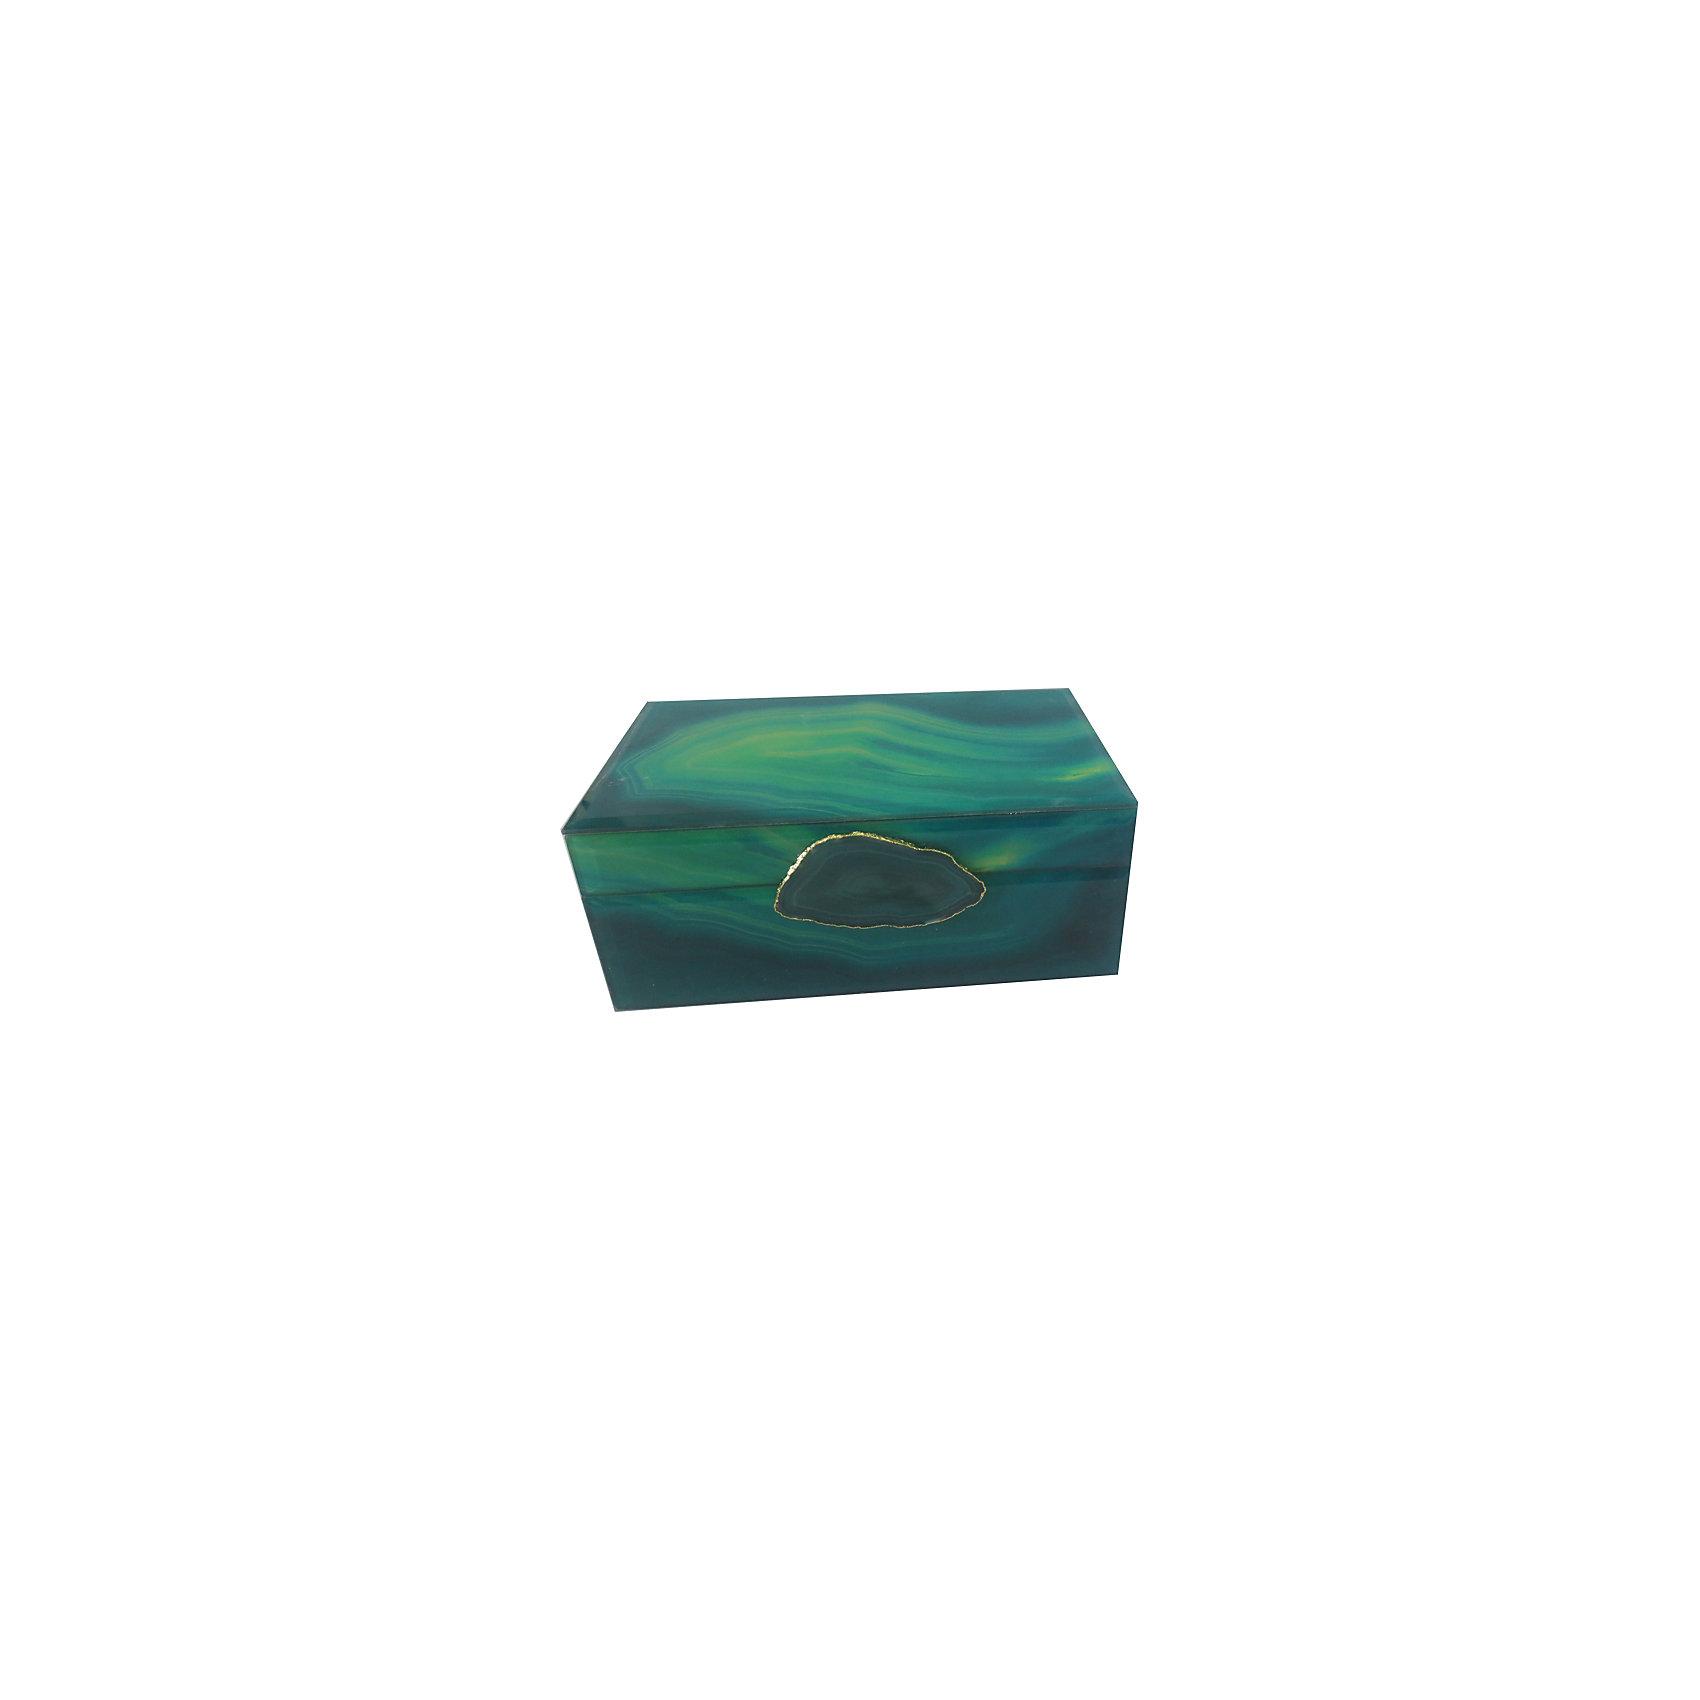 Шкатулка Зеленый агат из стекла для мелочей, Феникс-ПрезентПредметы интерьера<br>Шкатулка Зеленый агат из стекла для мелочей, Феникс-Презент<br><br>Характеристики:<br><br>• расцветка под агат<br>• размер: 21х13х8 см<br>• материал: стекло<br><br>Шкатулка Зеленый агат отлично подойдет для хранения различных мелочей и безделушек. Шкатулка надежно закрывается крышкой для защиты ваших вещей. Приятная расцветка под агат украсит интерьер любого помещения.<br><br>Шкатулку Зеленый агат из стекла для мелочей, Феникс-Презент можно купить в нашем интернет-магазине.<br><br>Ширина мм: 210<br>Глубина мм: 130<br>Высота мм: 80<br>Вес г: 938<br>Возраст от месяцев: 60<br>Возраст до месяцев: 2147483647<br>Пол: Унисекс<br>Возраст: Детский<br>SKU: 5449774